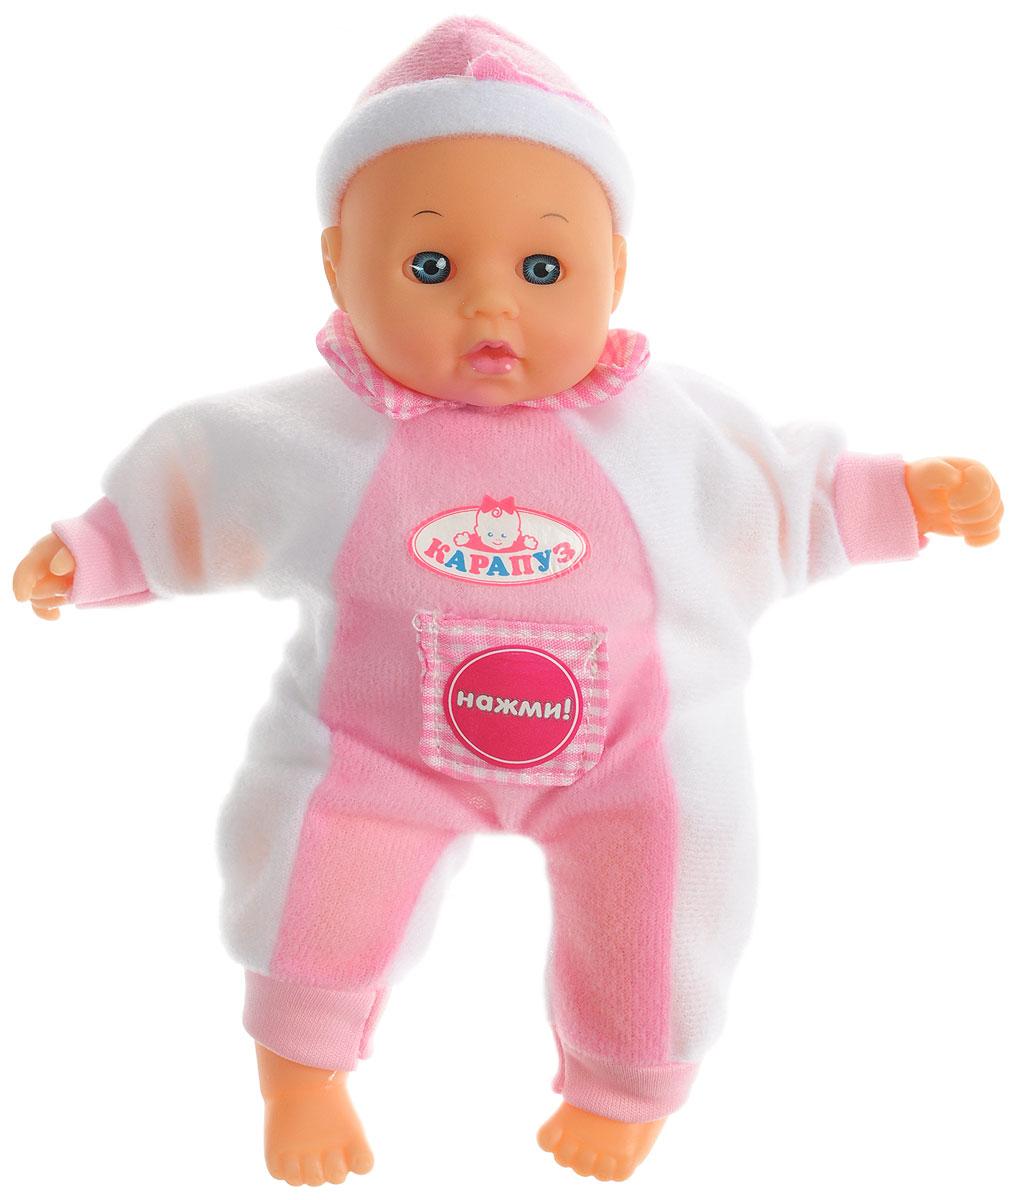 Карапуз Пупс озвученный цвет одежды белый розовый карапуз пупс цвет одежды розовый белый